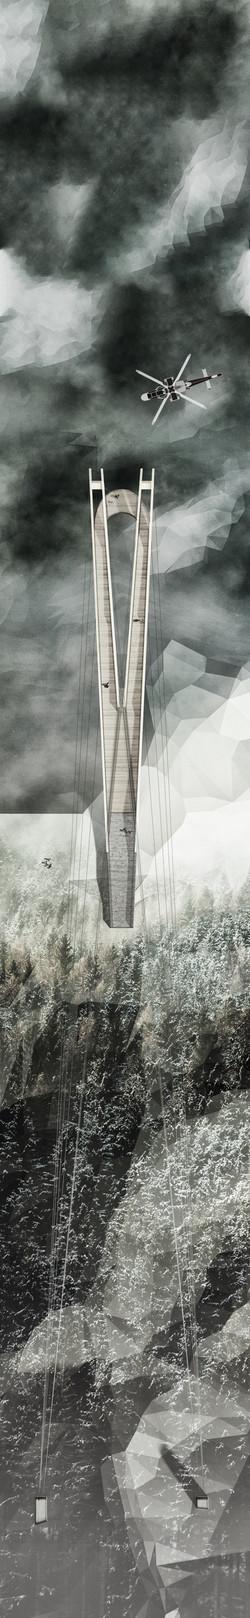 'Harp'